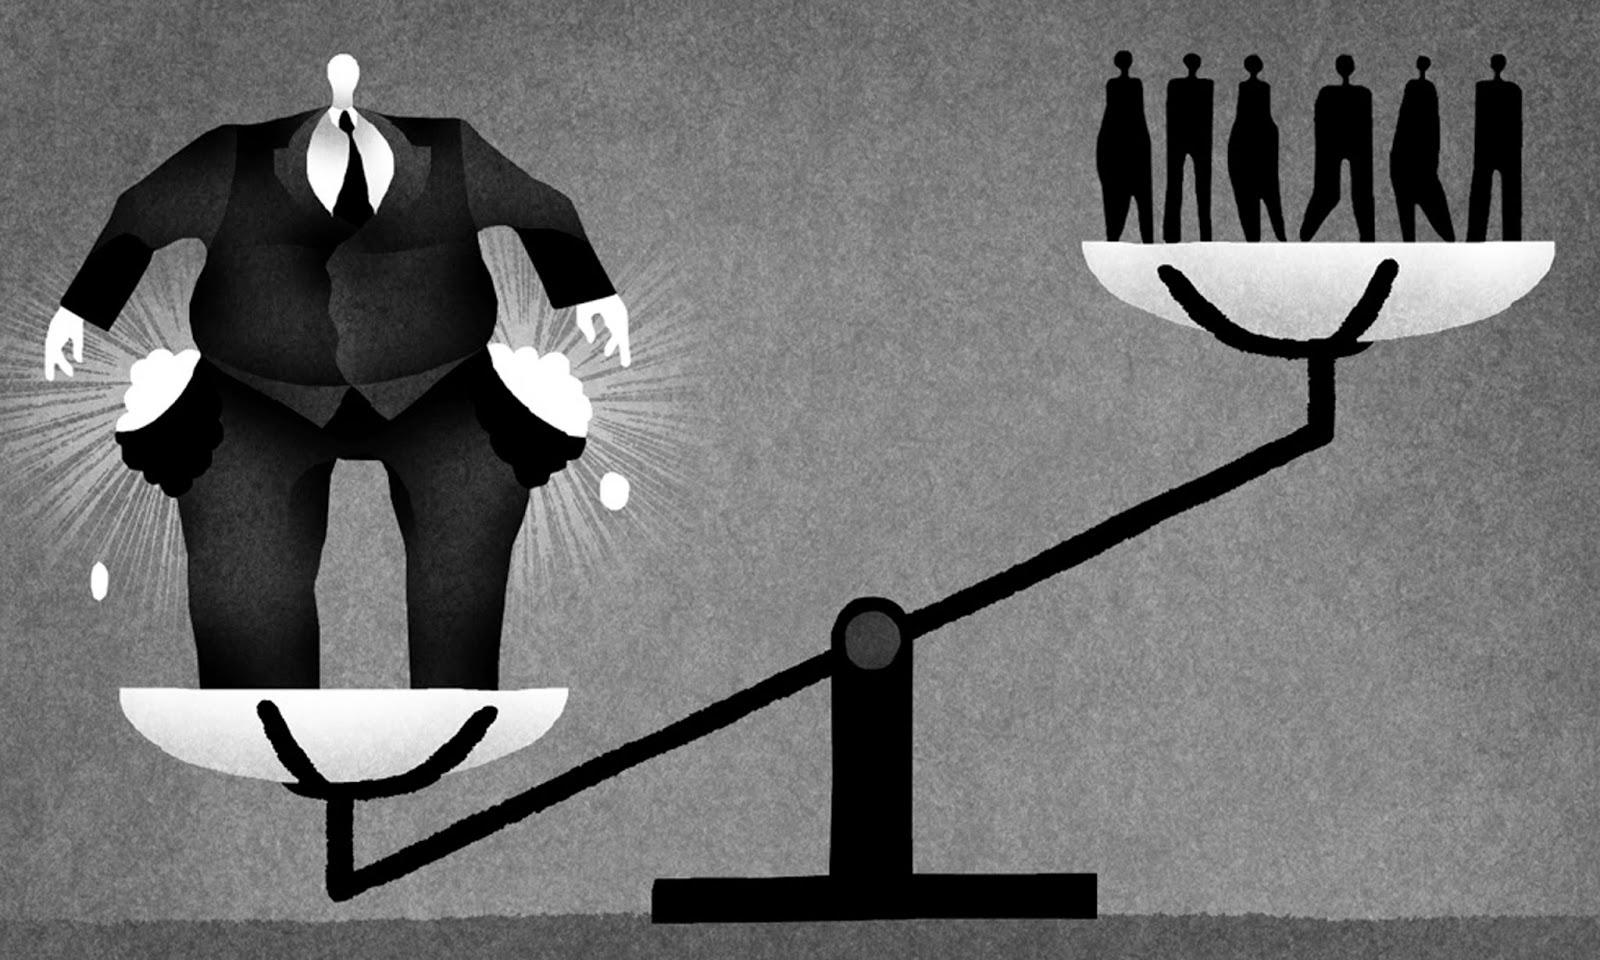 La lucha contra la desigualdad bloqueada por la falta de acuerdo